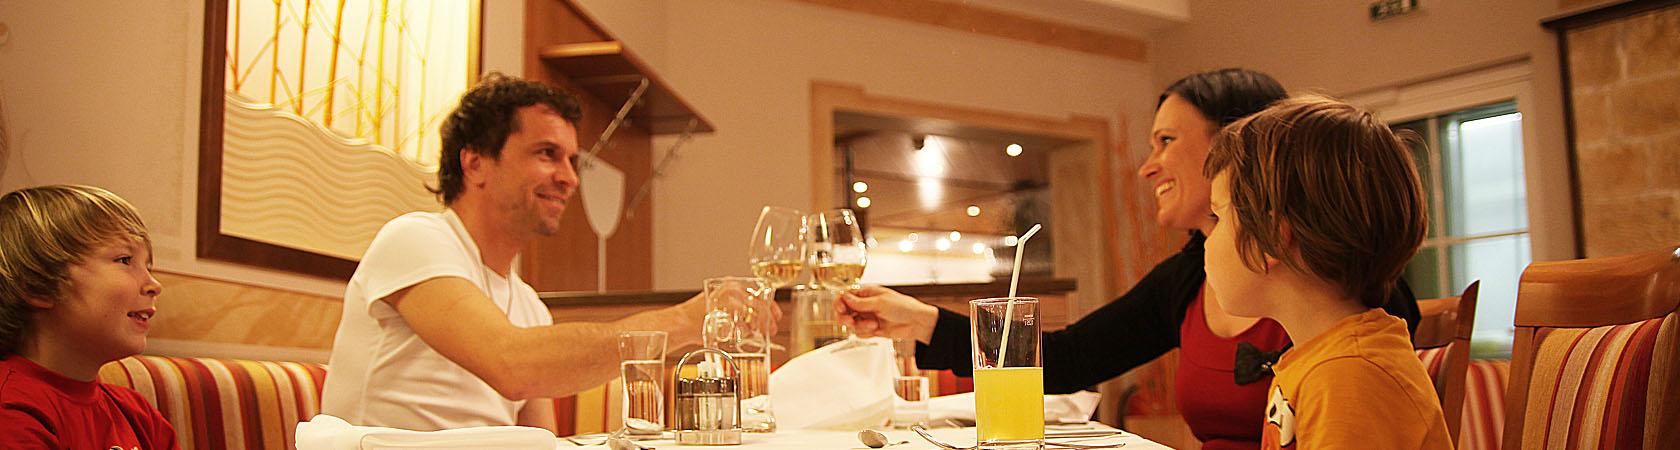 Familie sitzt beim Abendessen und prostet sich zu